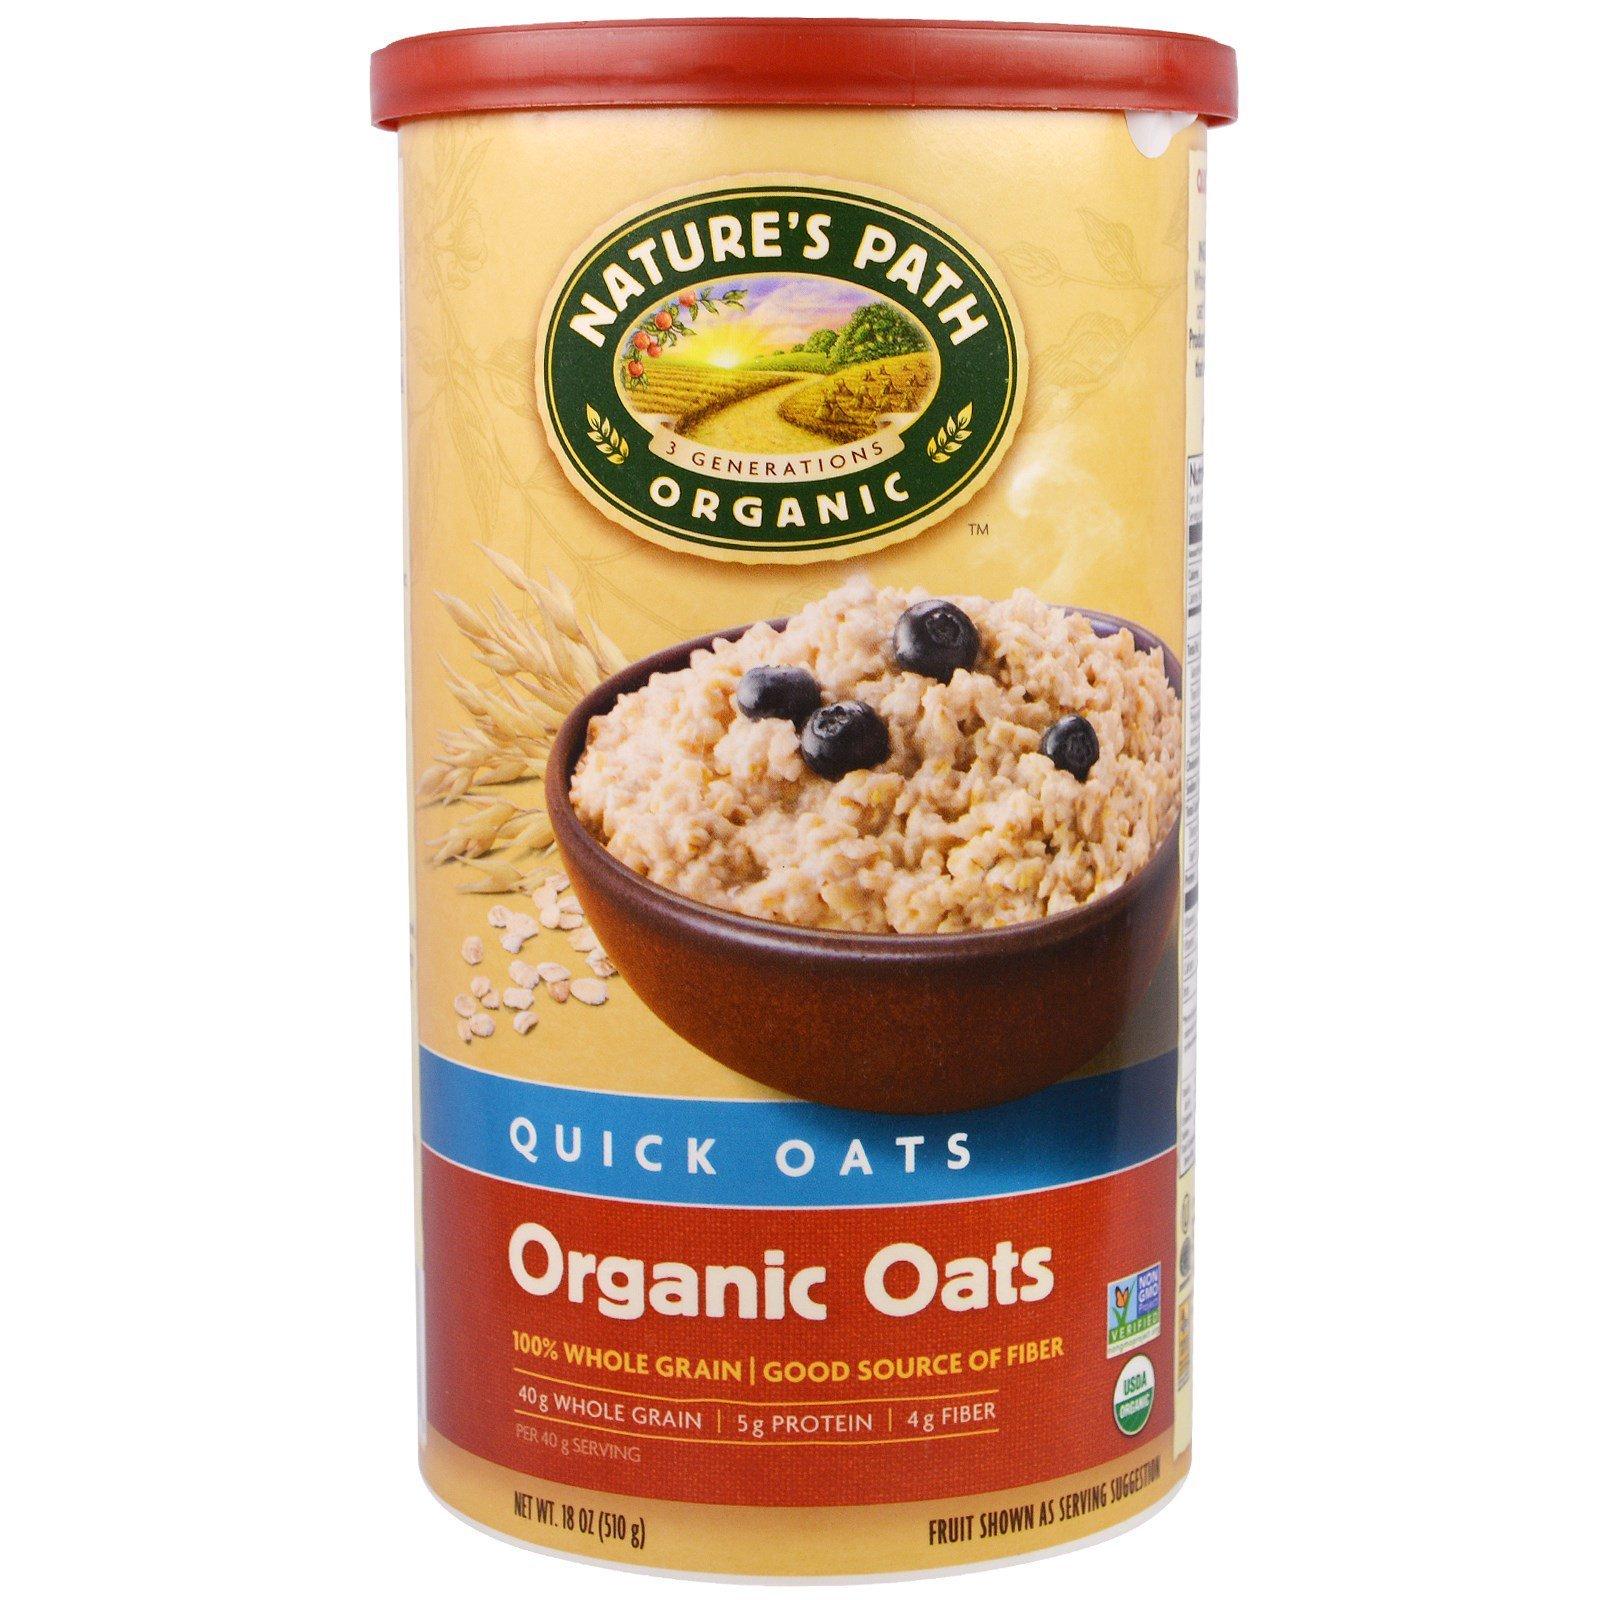 Country Choice Organic, Органические овсяные хлопья быстрого приготовления Natures's Path, 18 oz (510 г)